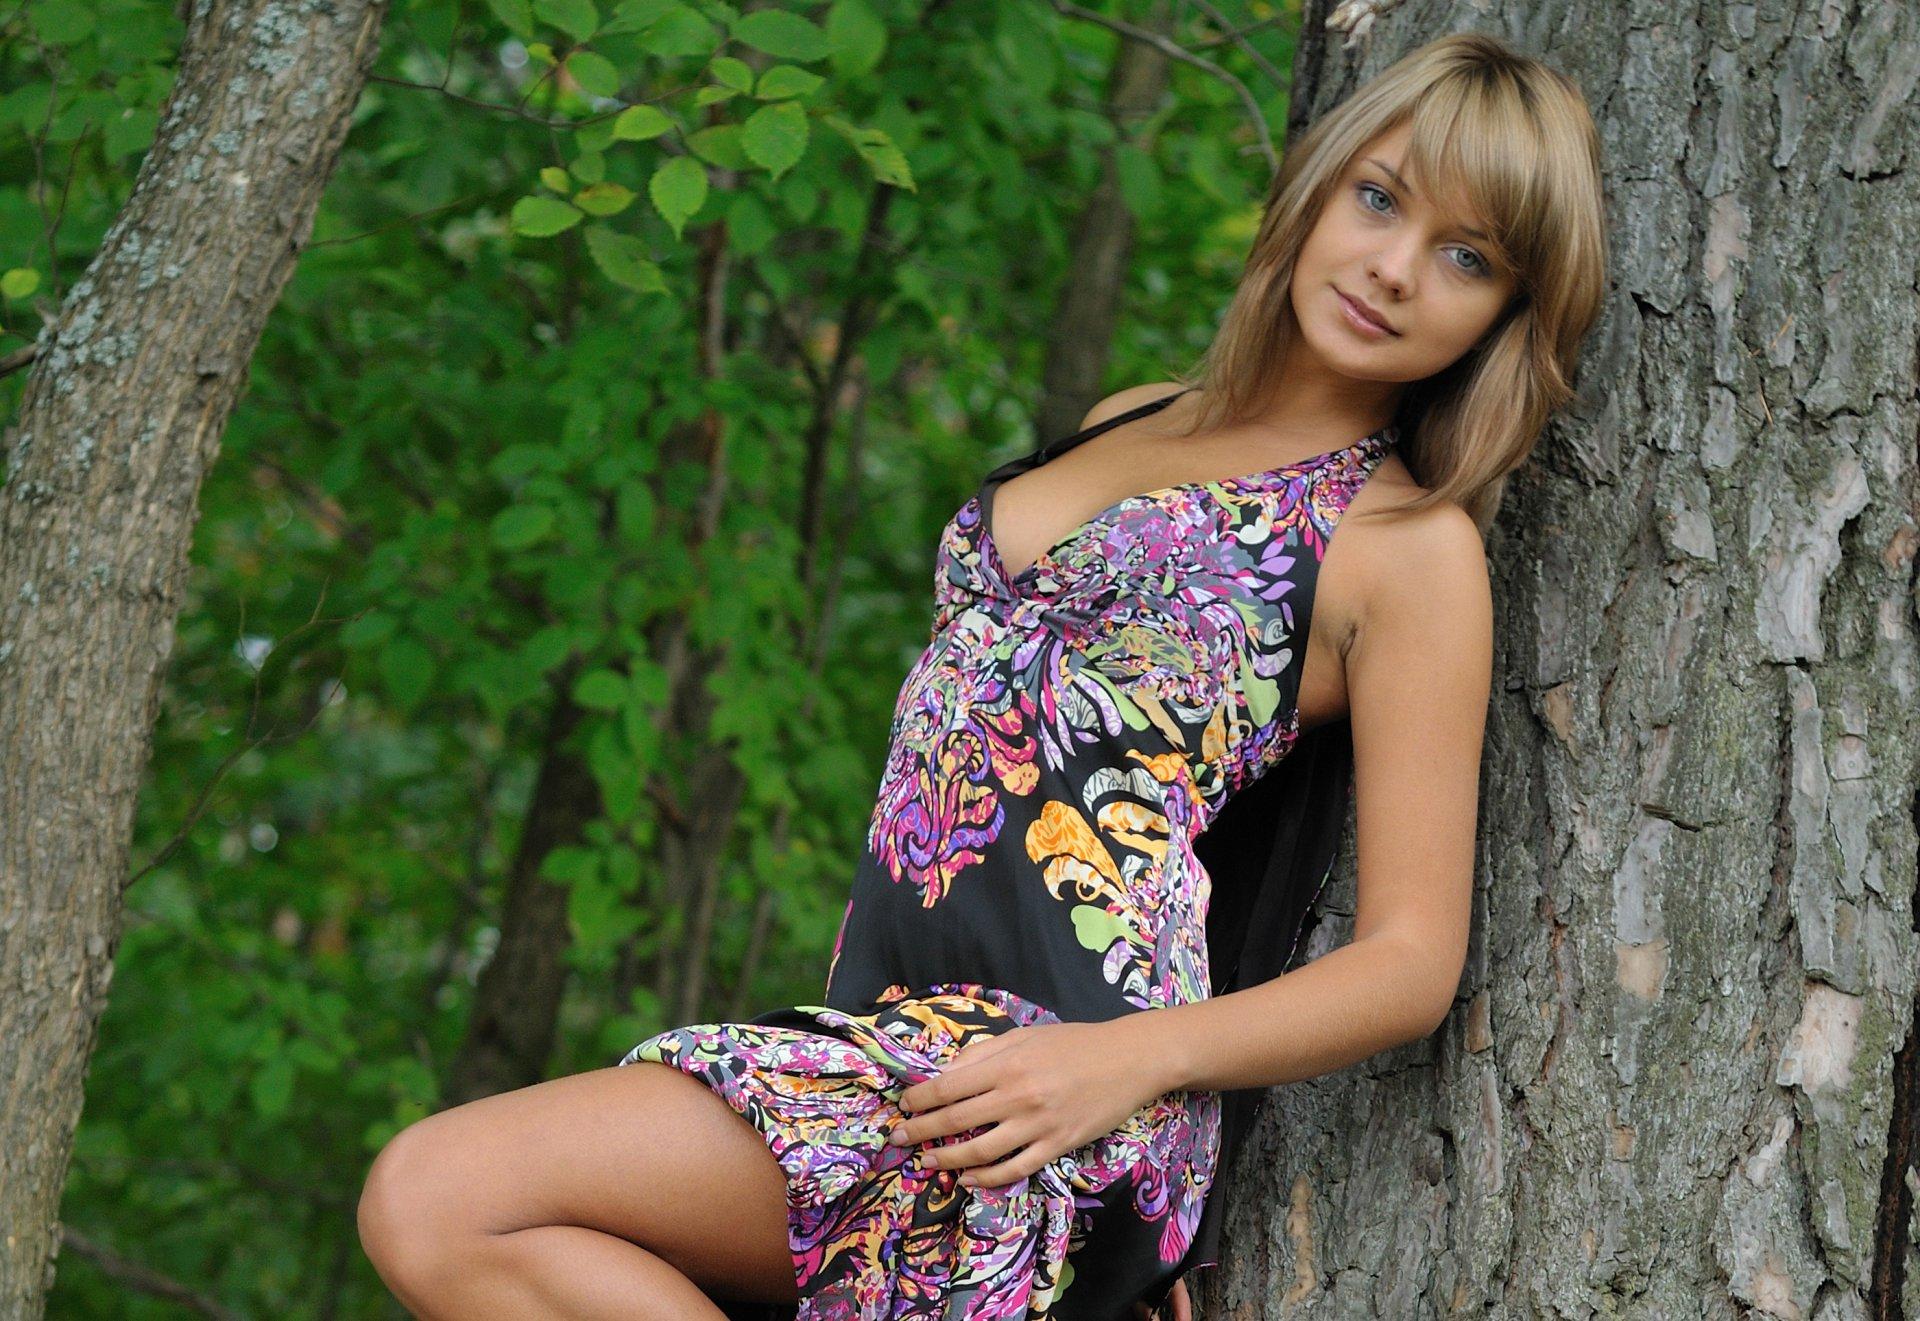 офигенная русская девушка это везде